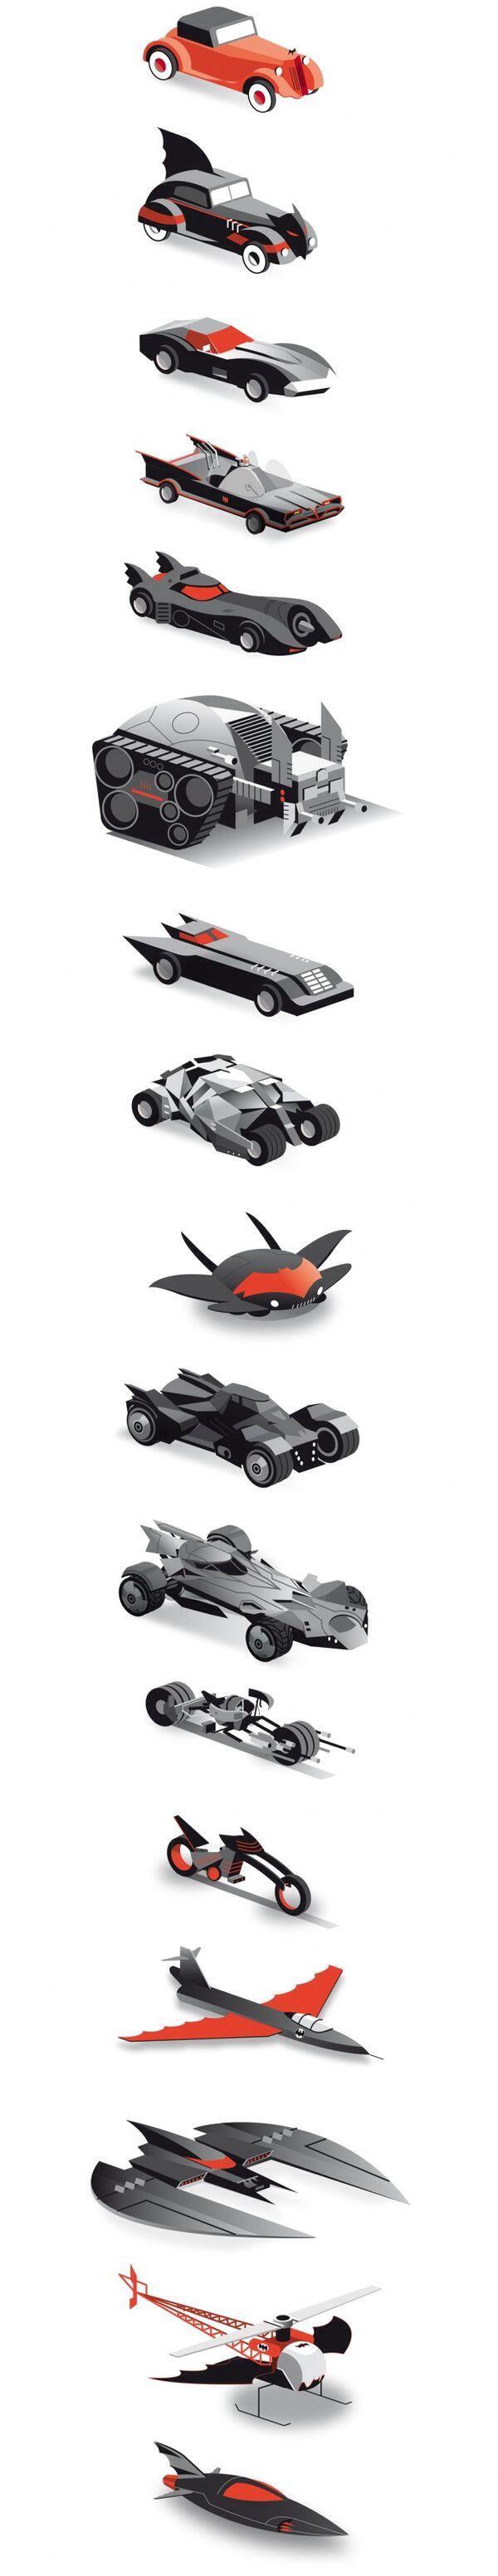 История бэтмобиля: все машины Темного Рыцаря - Изображение 40